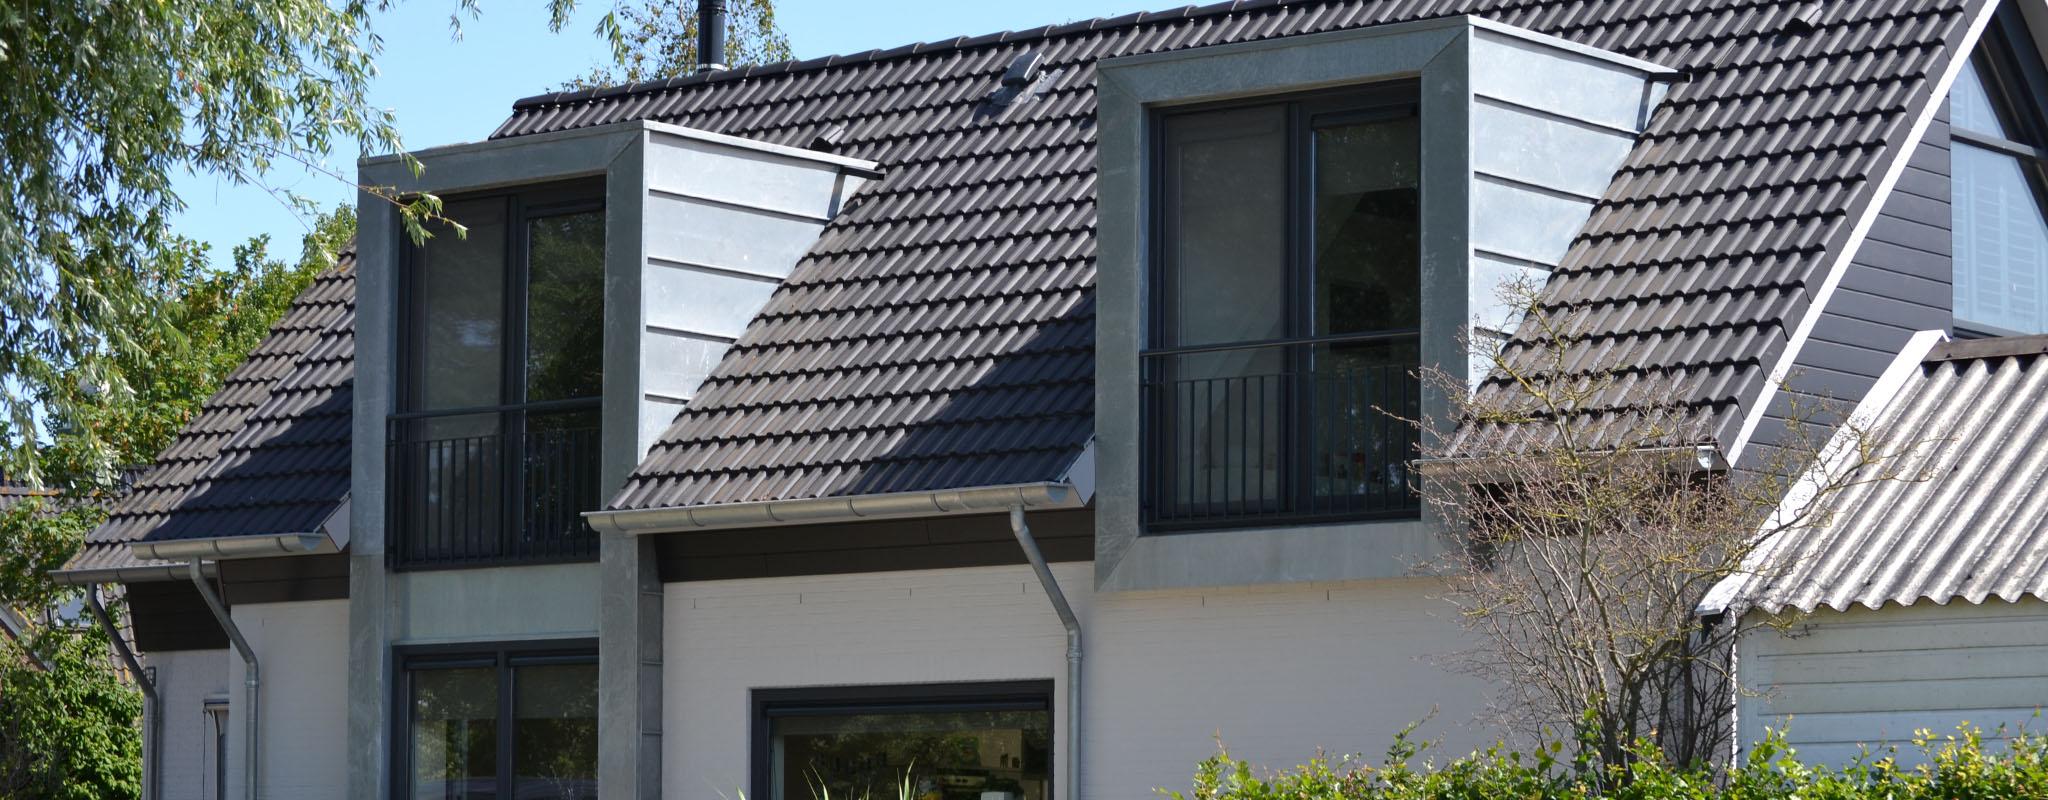 Aanbouw met bovenverdieping witmarsum - Oude huis gevel ...